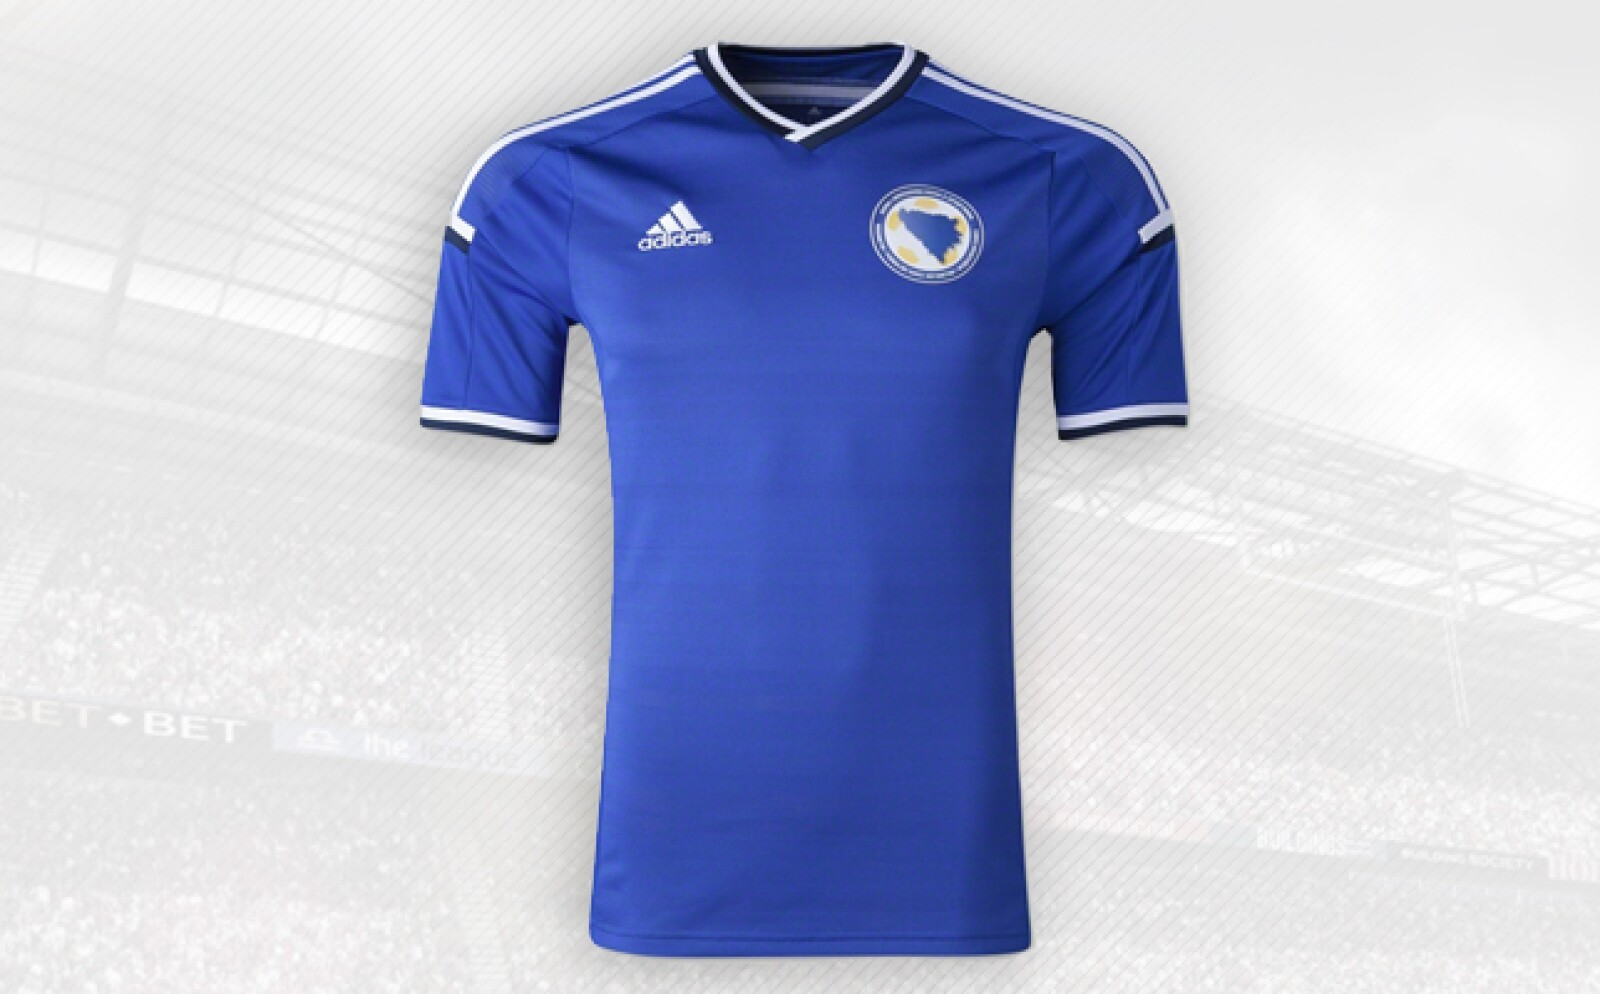 La playera de este país europeo es la más reciente novedad de Adidas para el Mundial de Brasil.